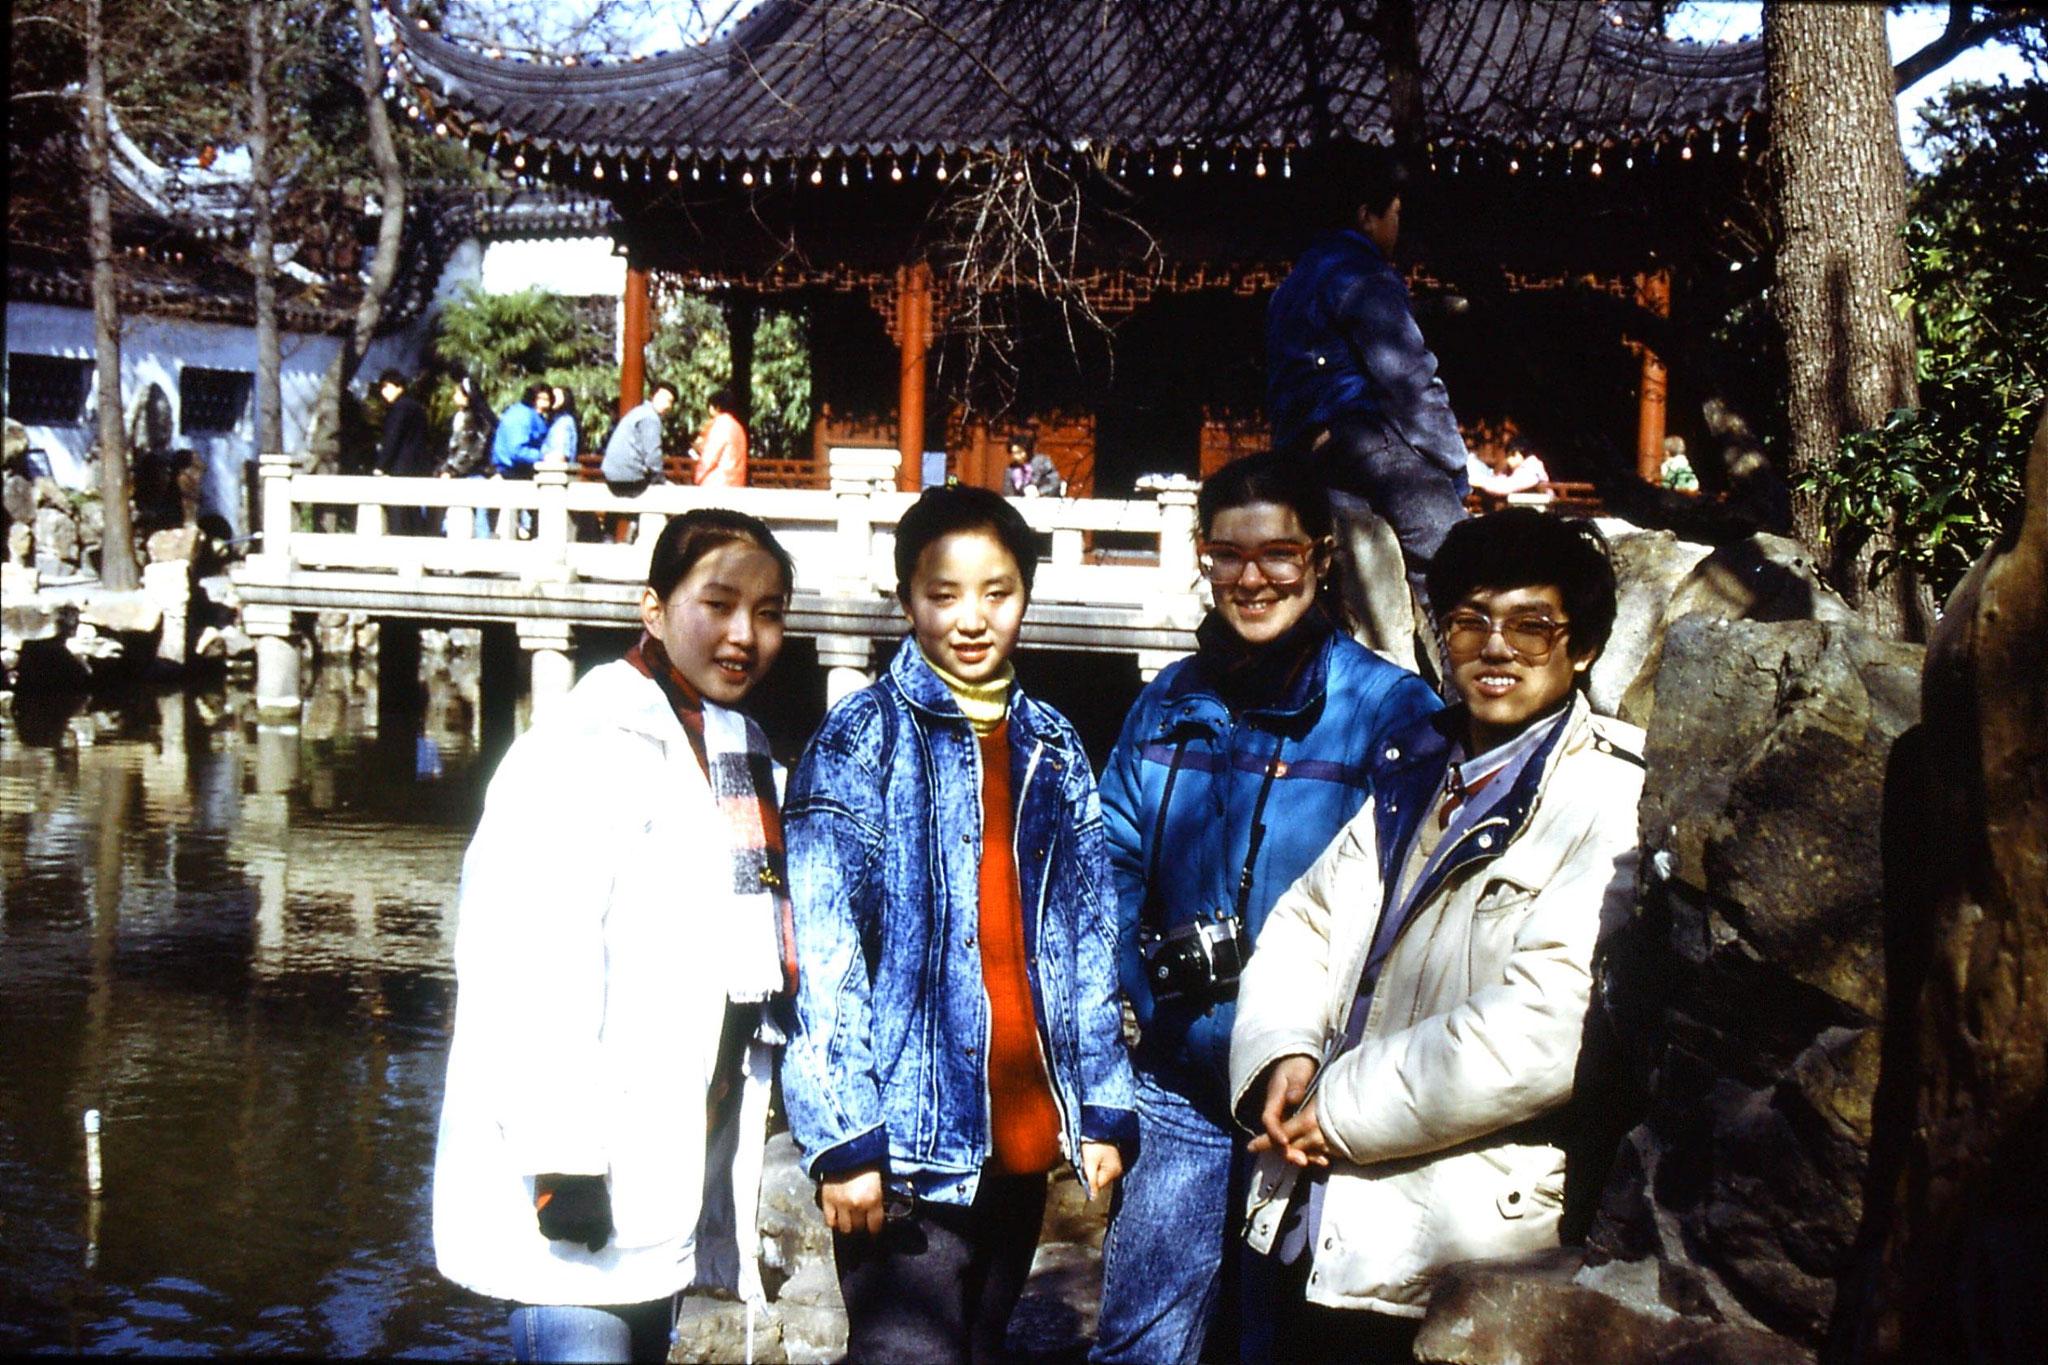 10/2/1989: 30: Yuyuan Gardens